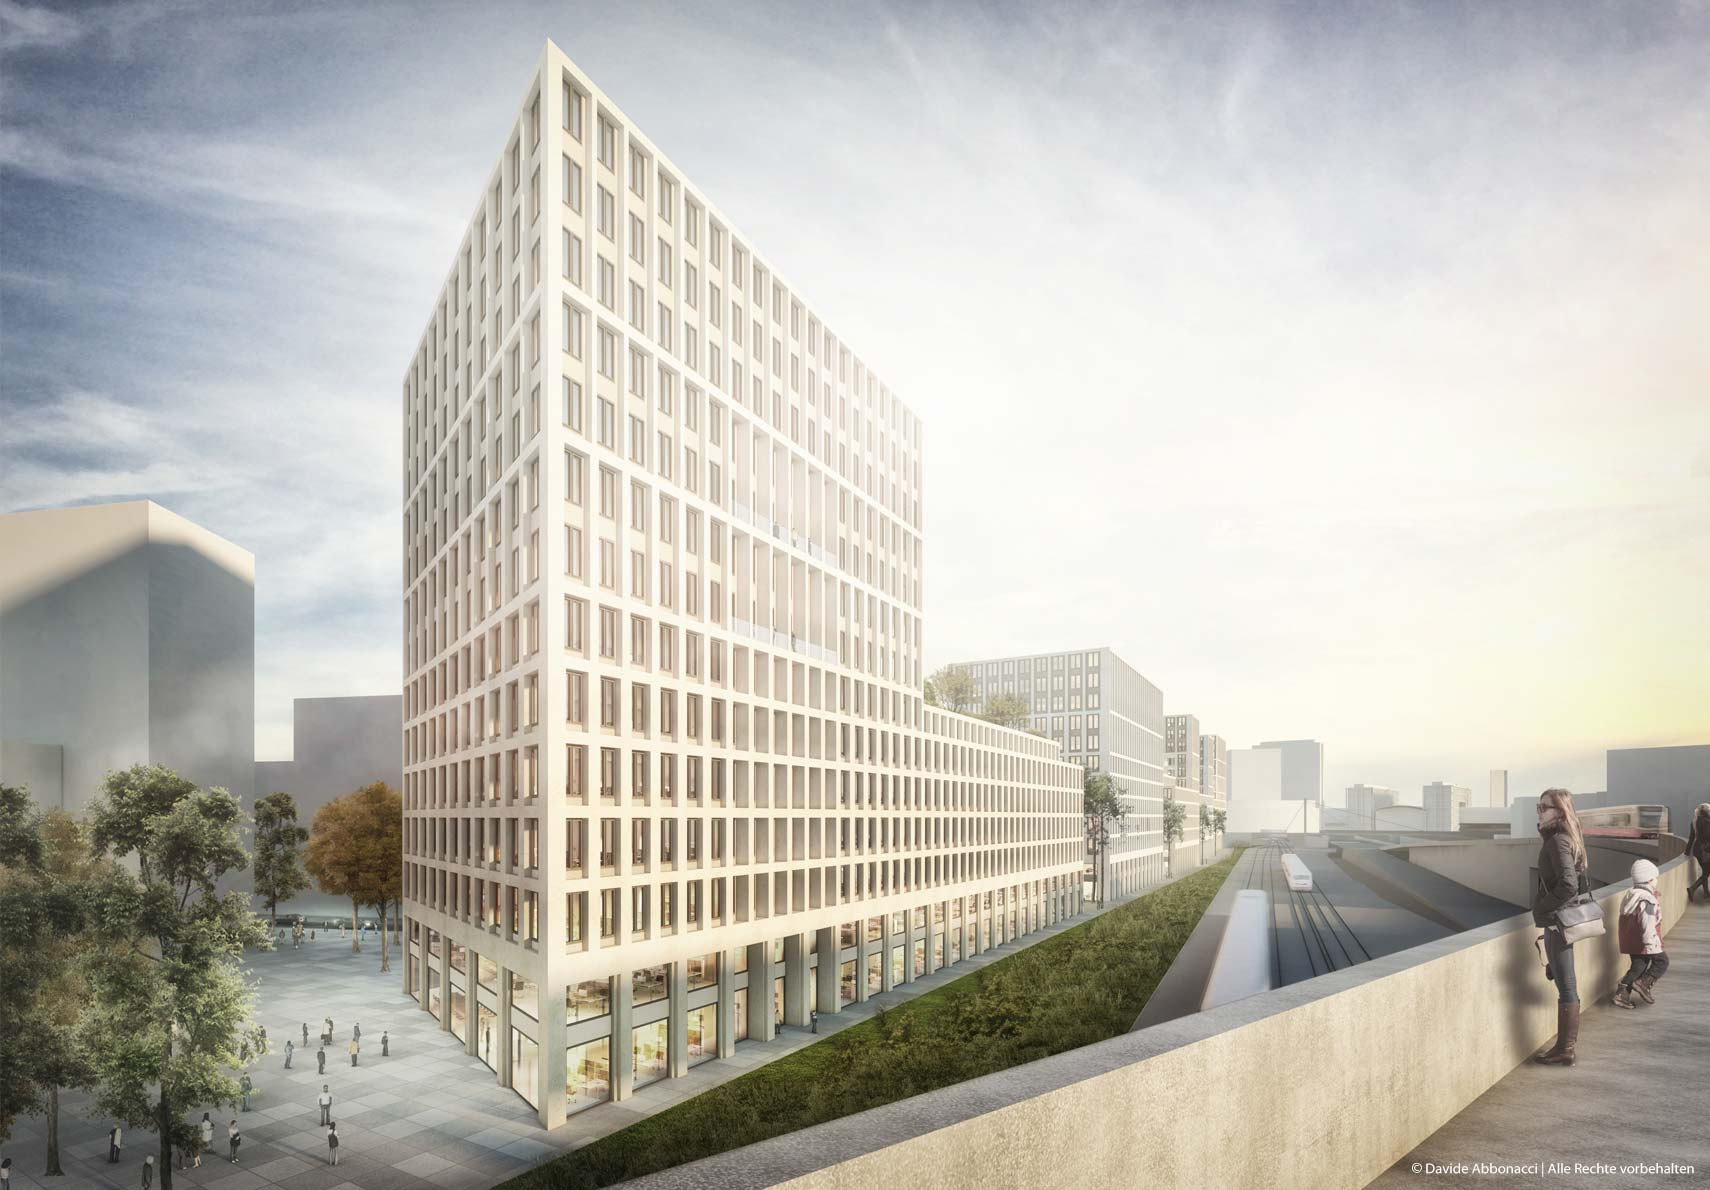 Europacity - Quartier Heidestraße Gewerberiegel, Berlin   gmp Architekten von Gerkan, Marg und Partner   2017 Wettbewerbsvisualisierung   3. Preis